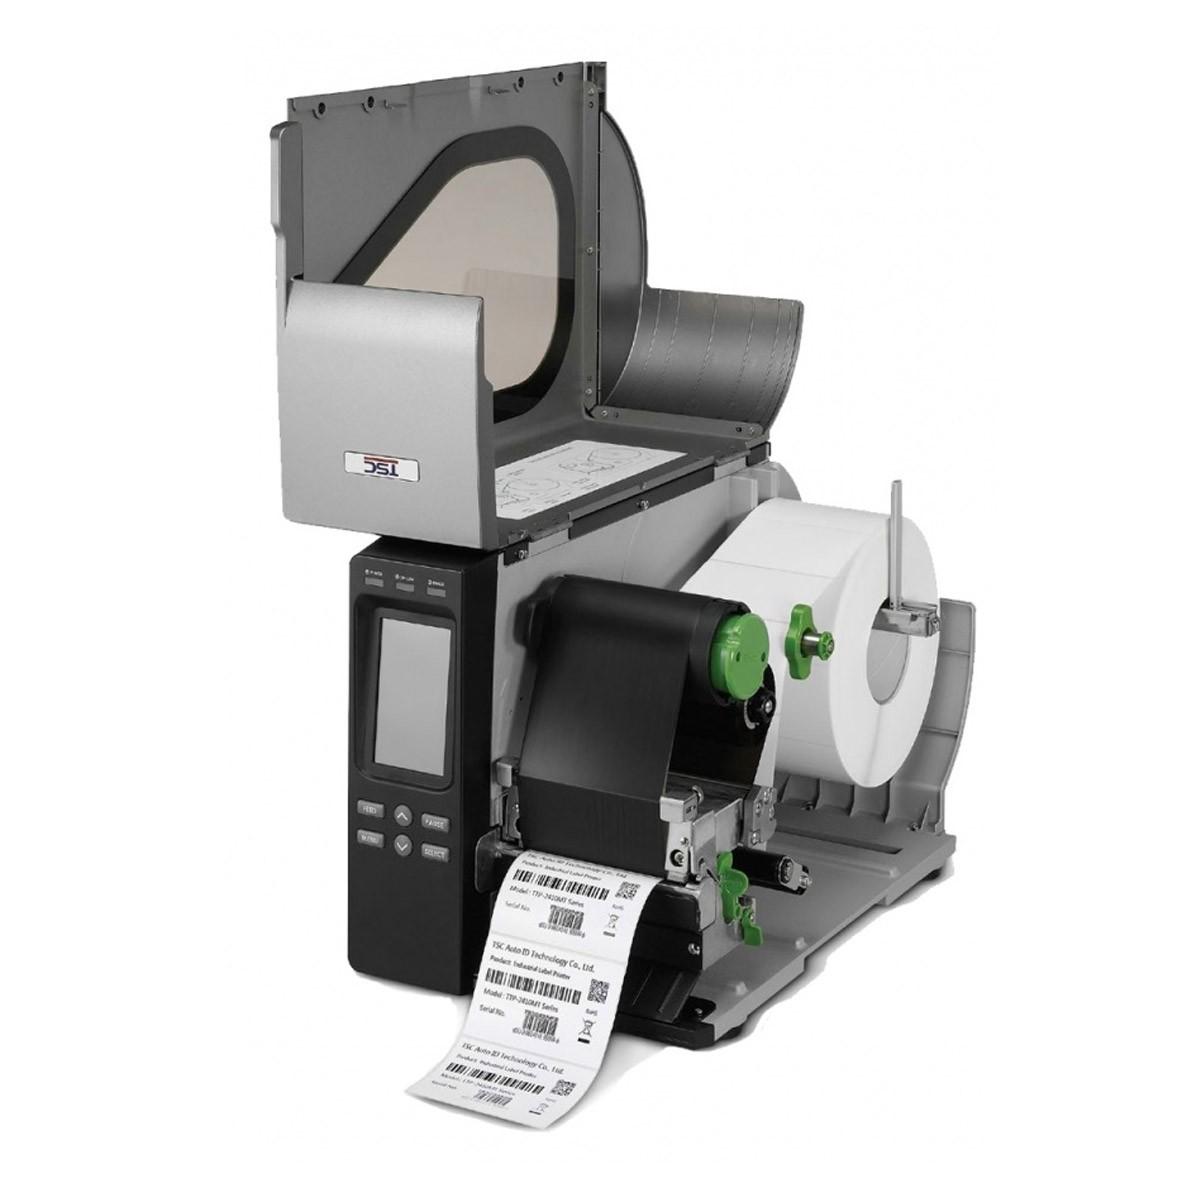 Impressora de Etiquetas Térmica Industrial - TTP-2410MT TSC - Com faca e Rebobinador